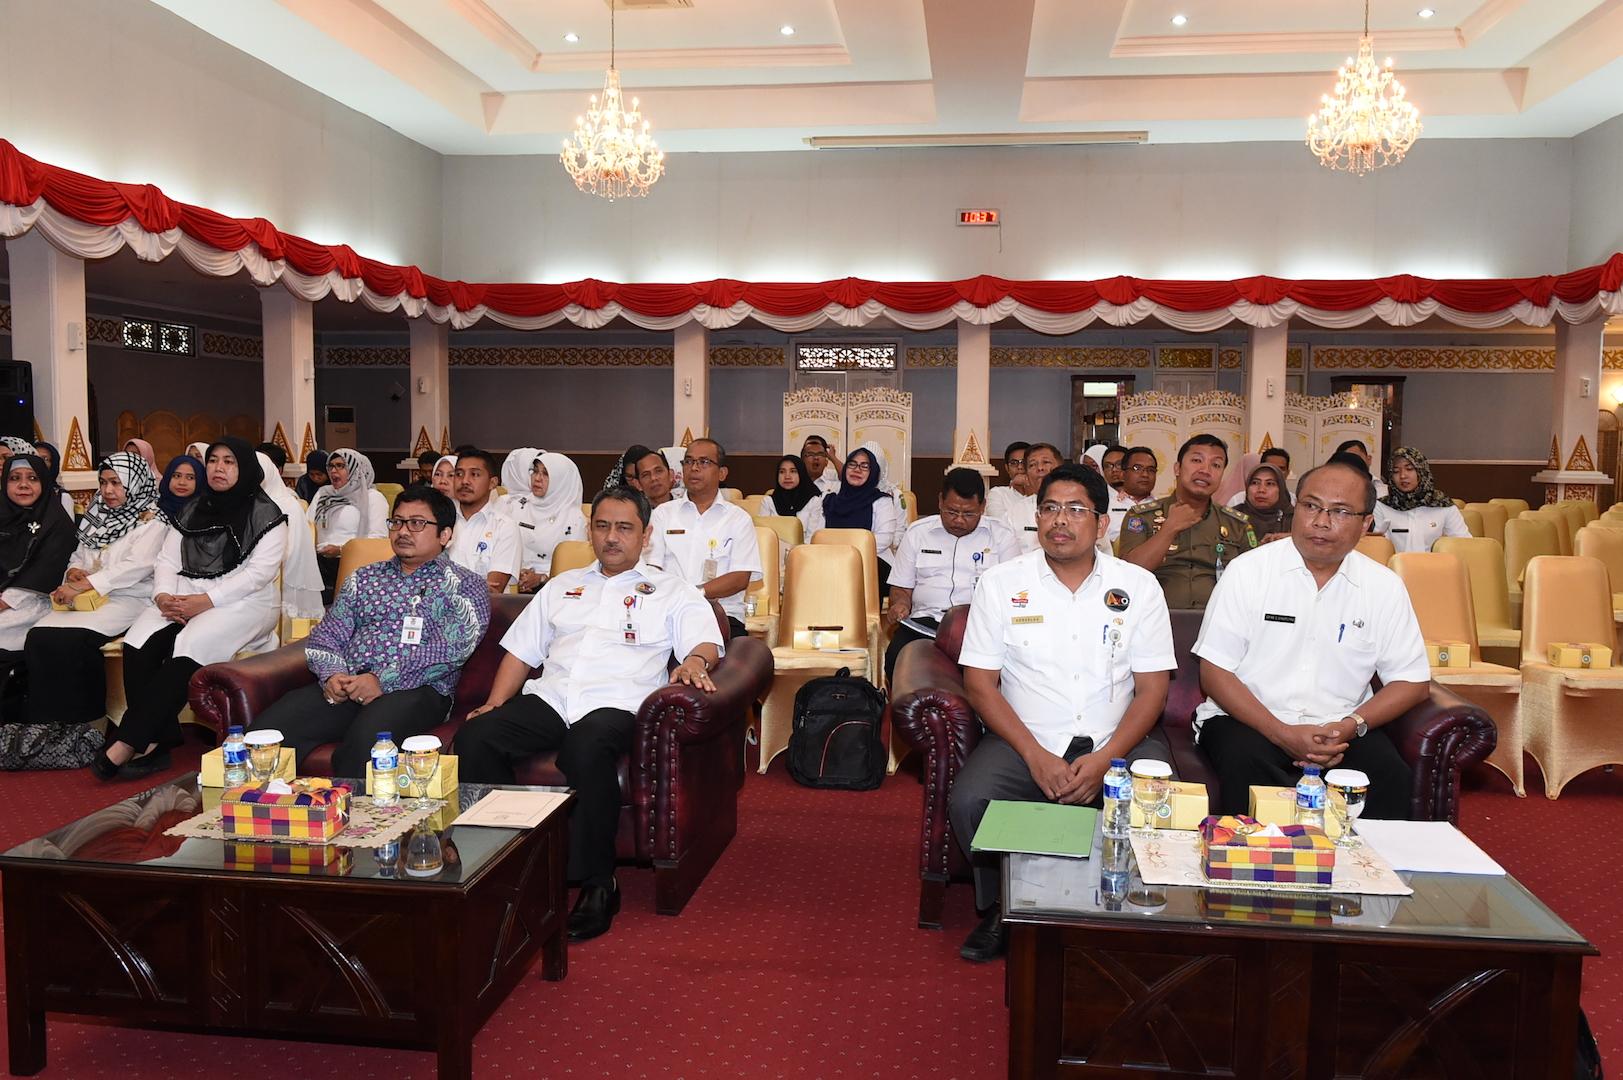 Sekda Prov Riau Hadir sekaligus membuka Sosialisasi PERDA Prov Riau no 6 Th 2016 Tentang Pokok-pokok Pengelolaan Keuangan Daerah di Balai Pauh Janggi Gedung daerah